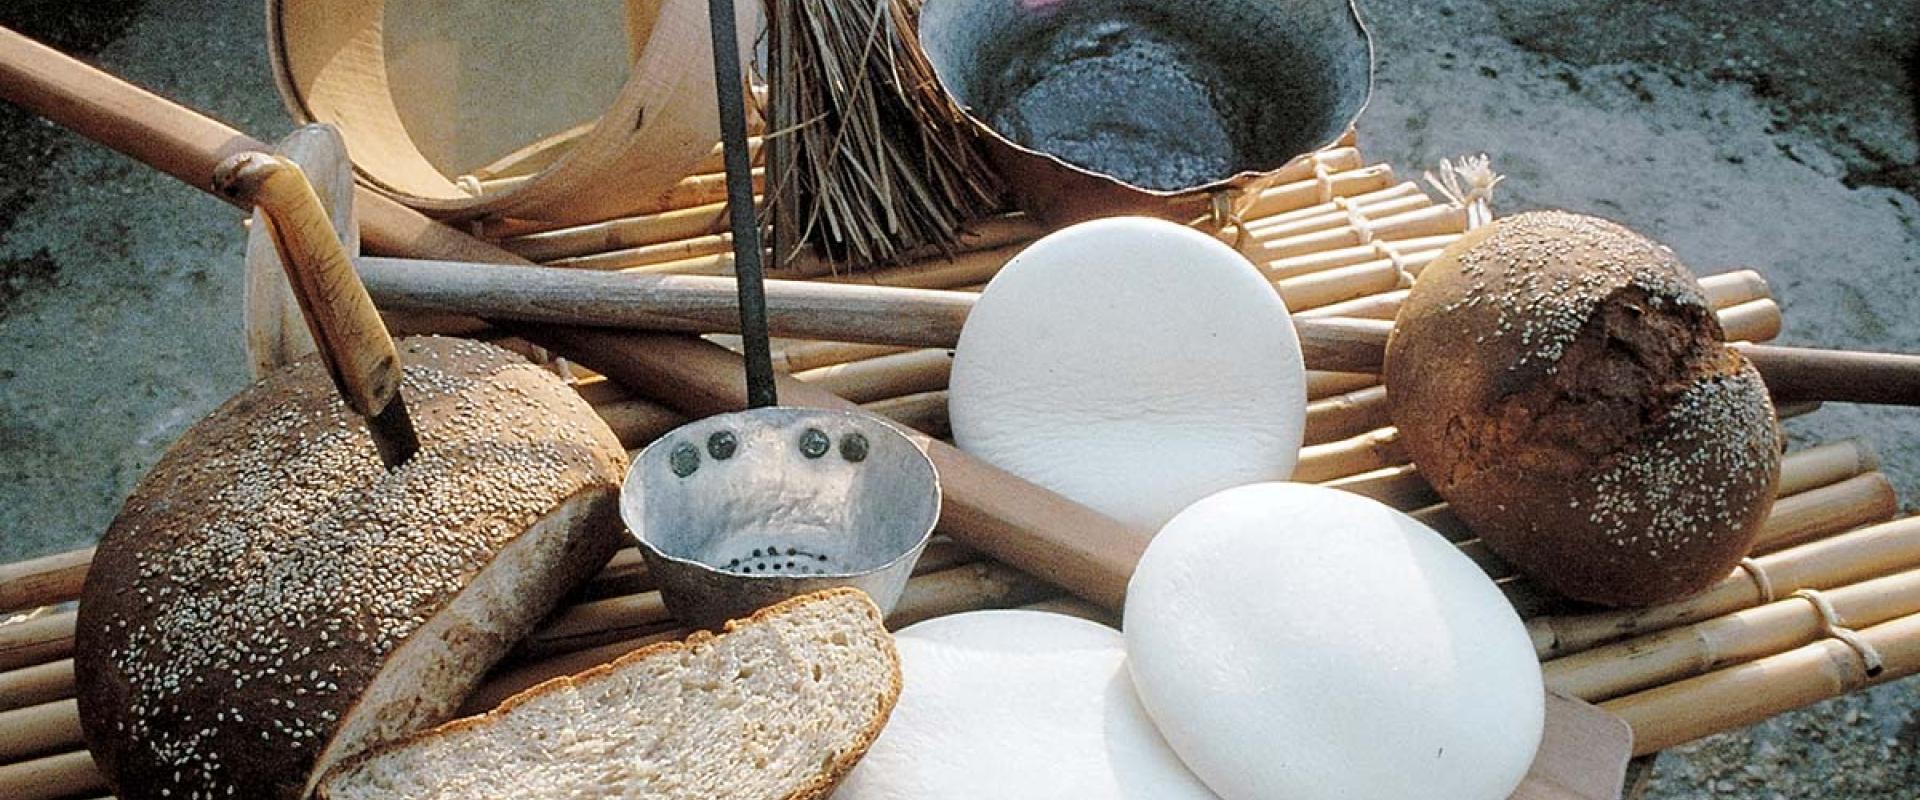 Visit a farm dairy and cheeses tasting in Sambuca di Sicilia area